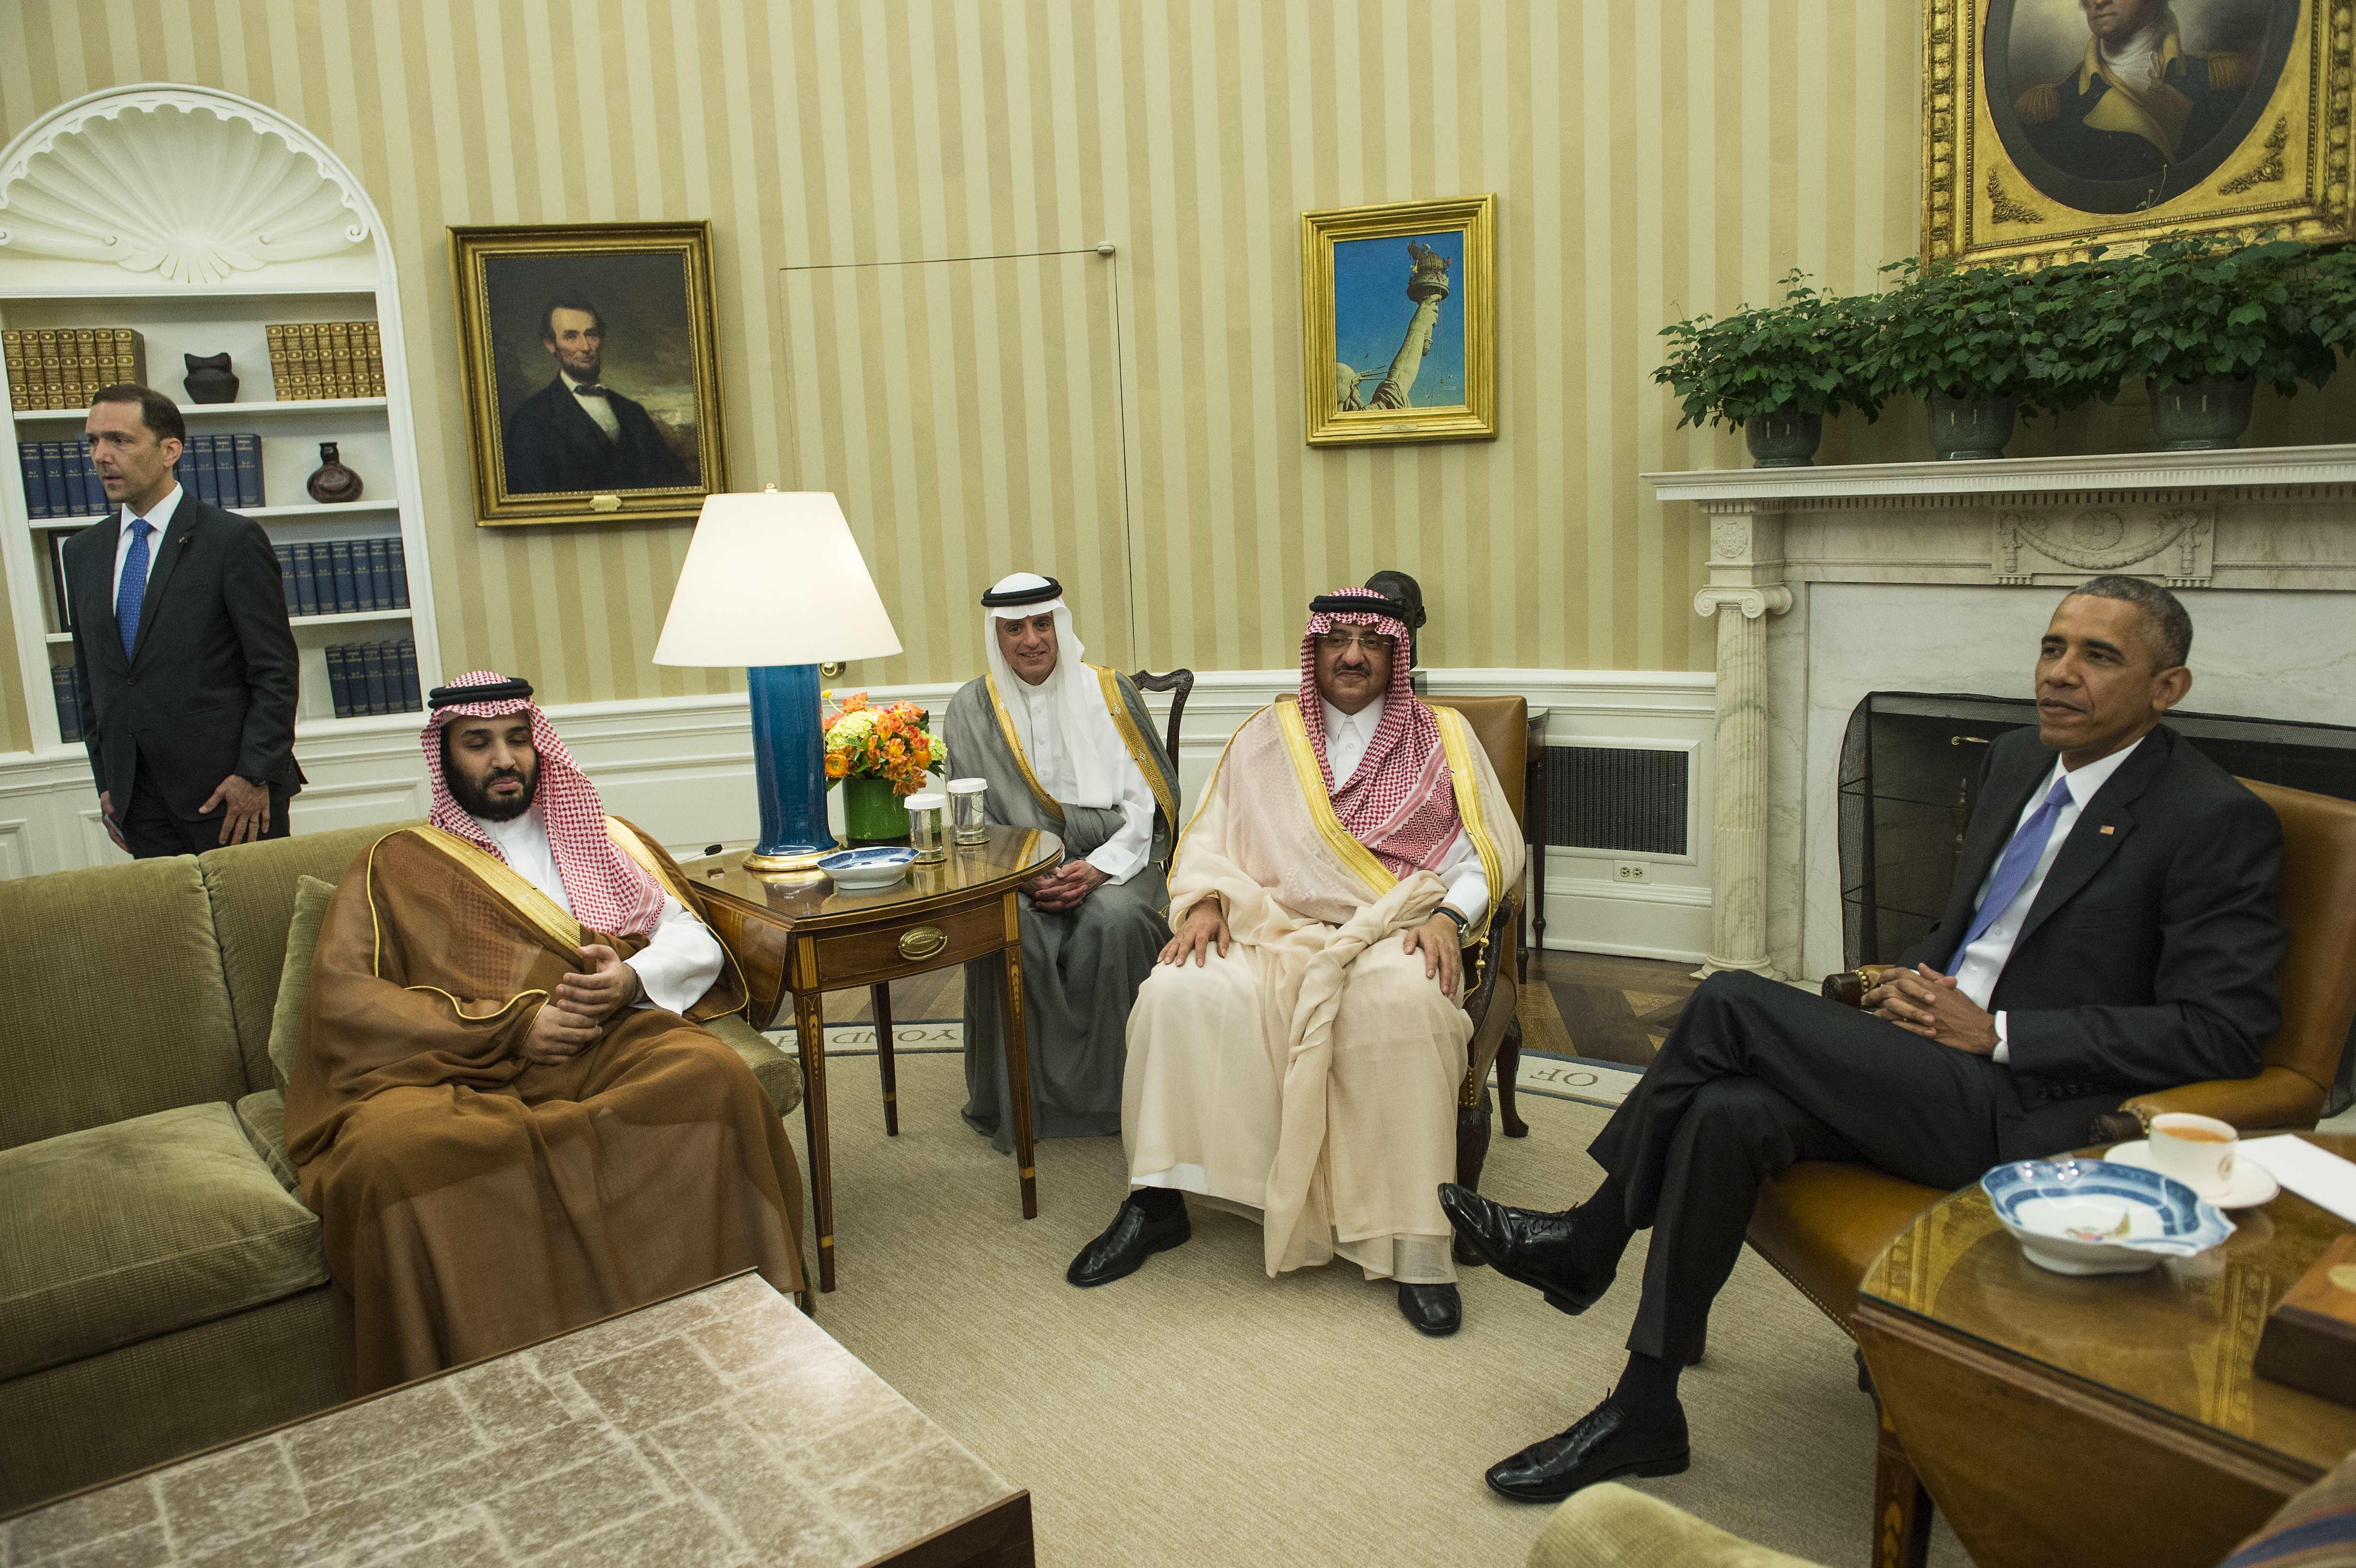 الرئيس باراك أوباما مع كبار المسؤولين السعوديين.